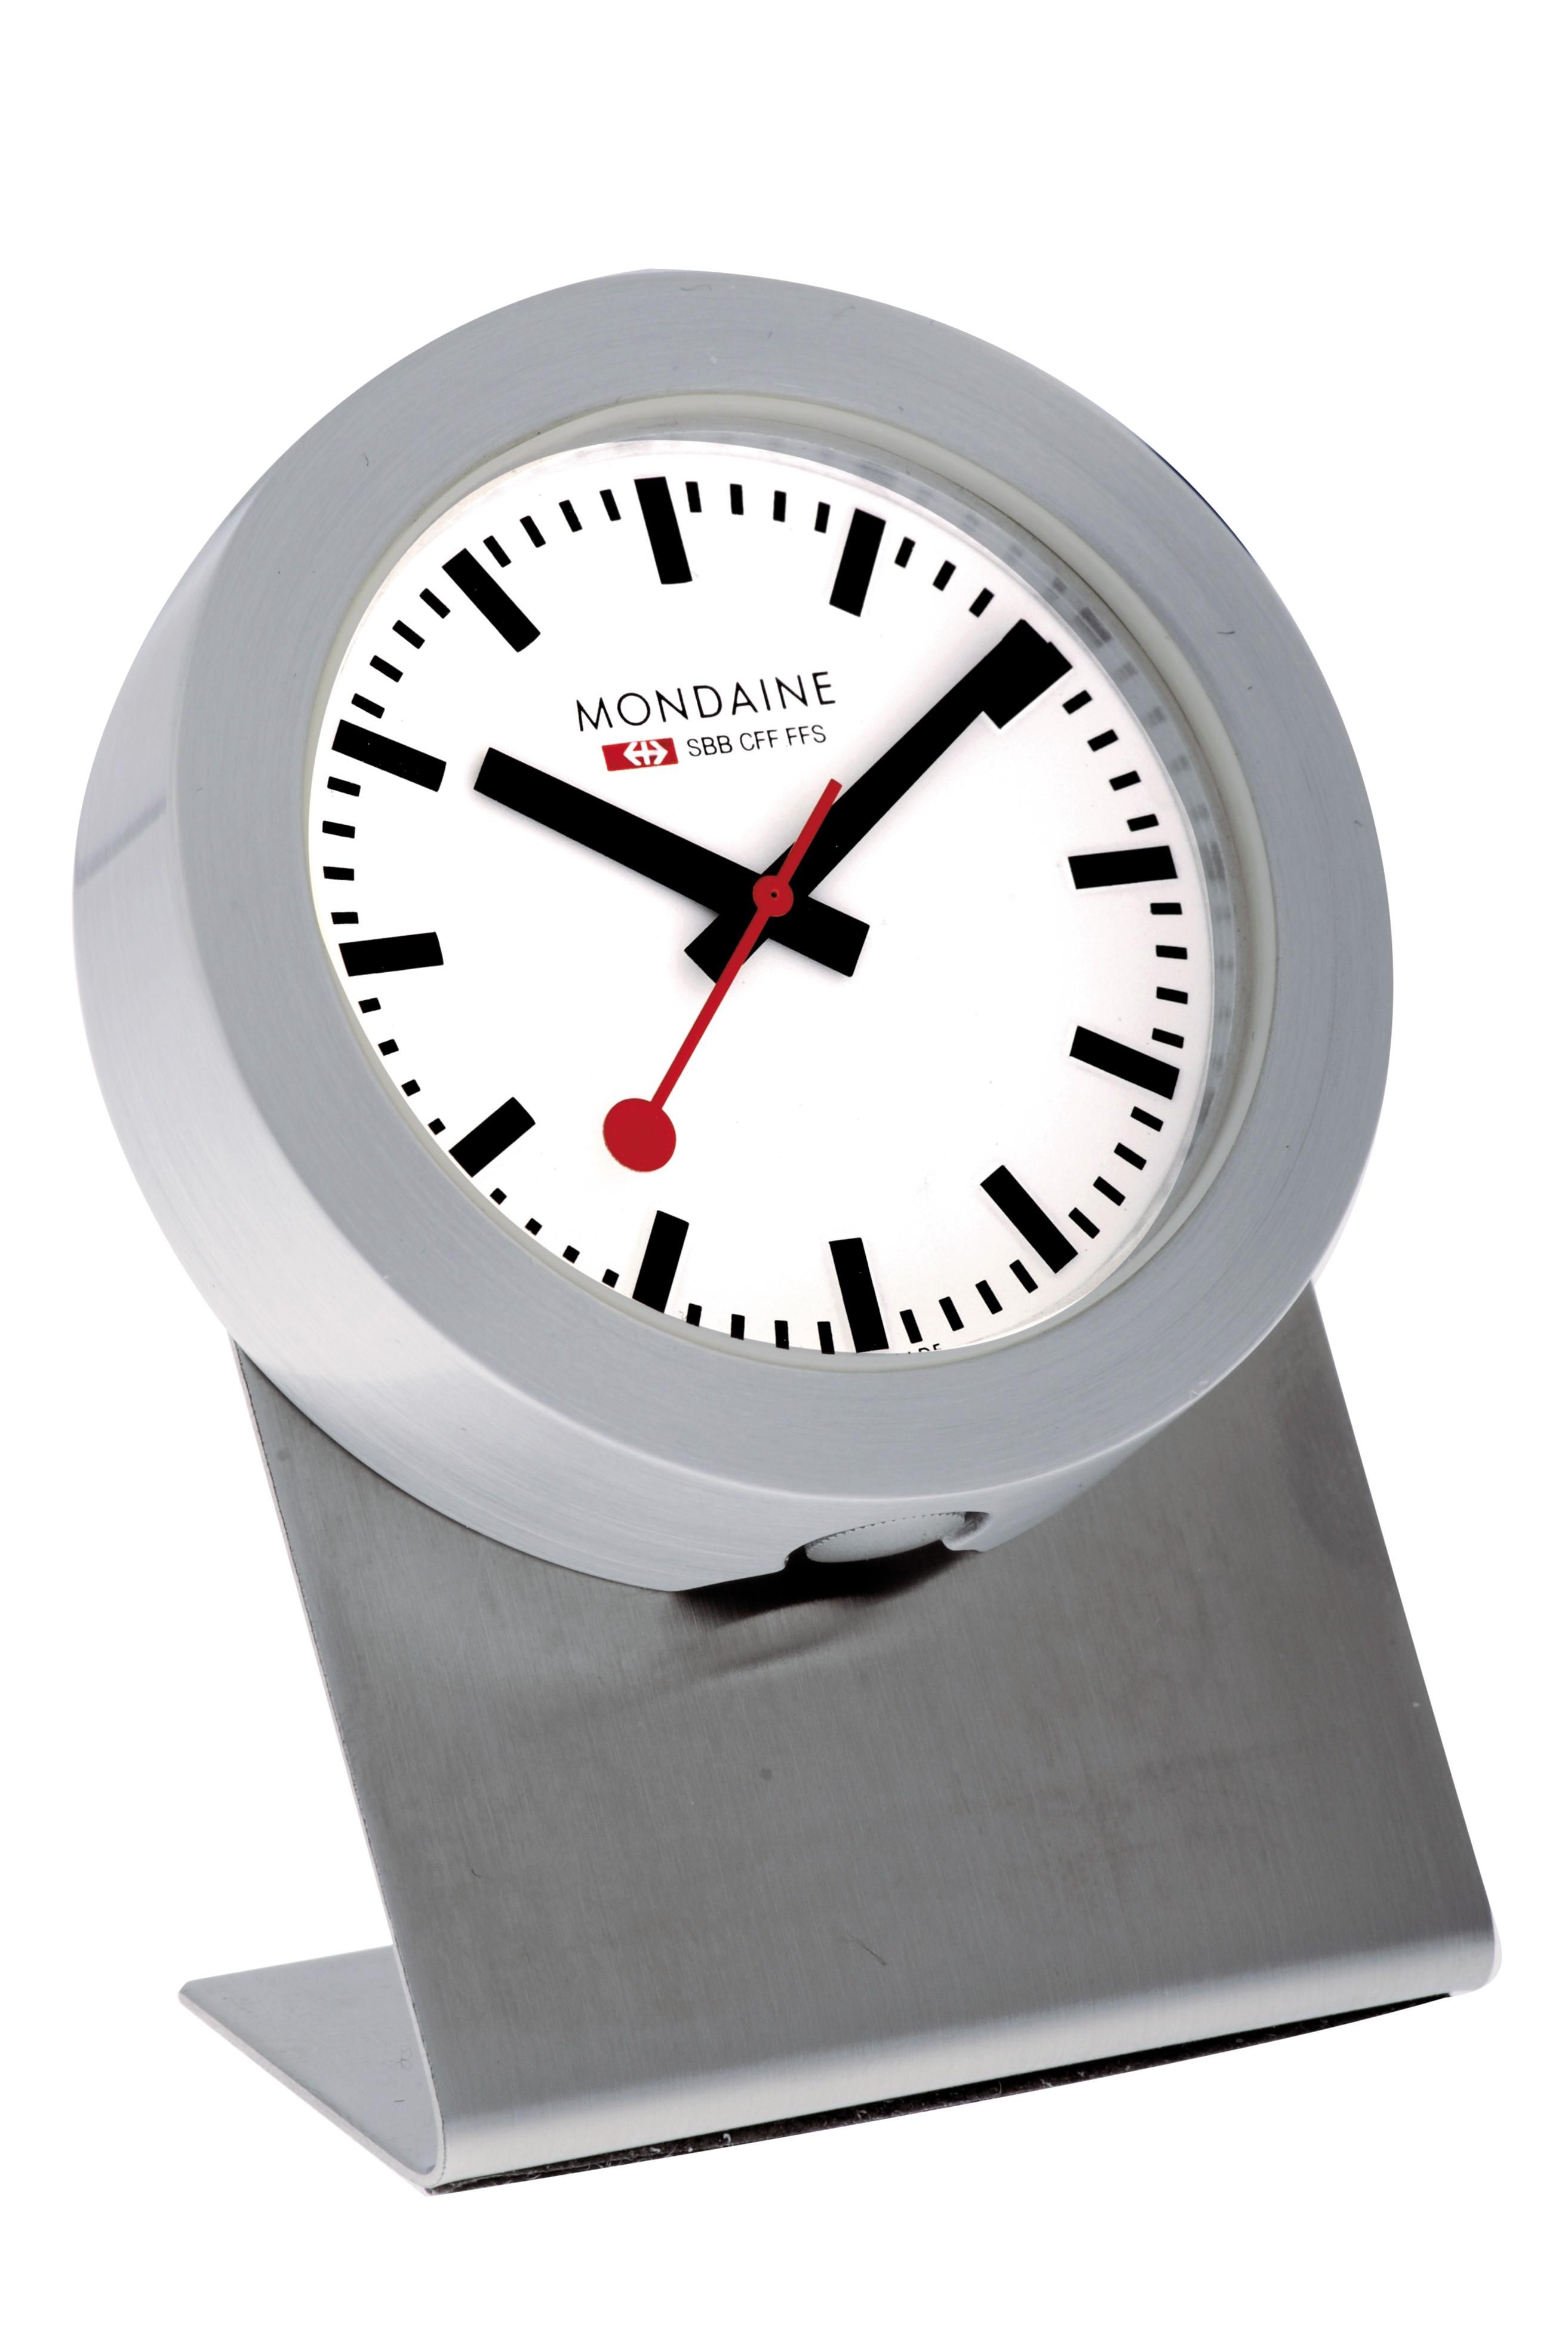 Mondaine swiss watch MAGNET CLOCK - A660.30318.81SBB